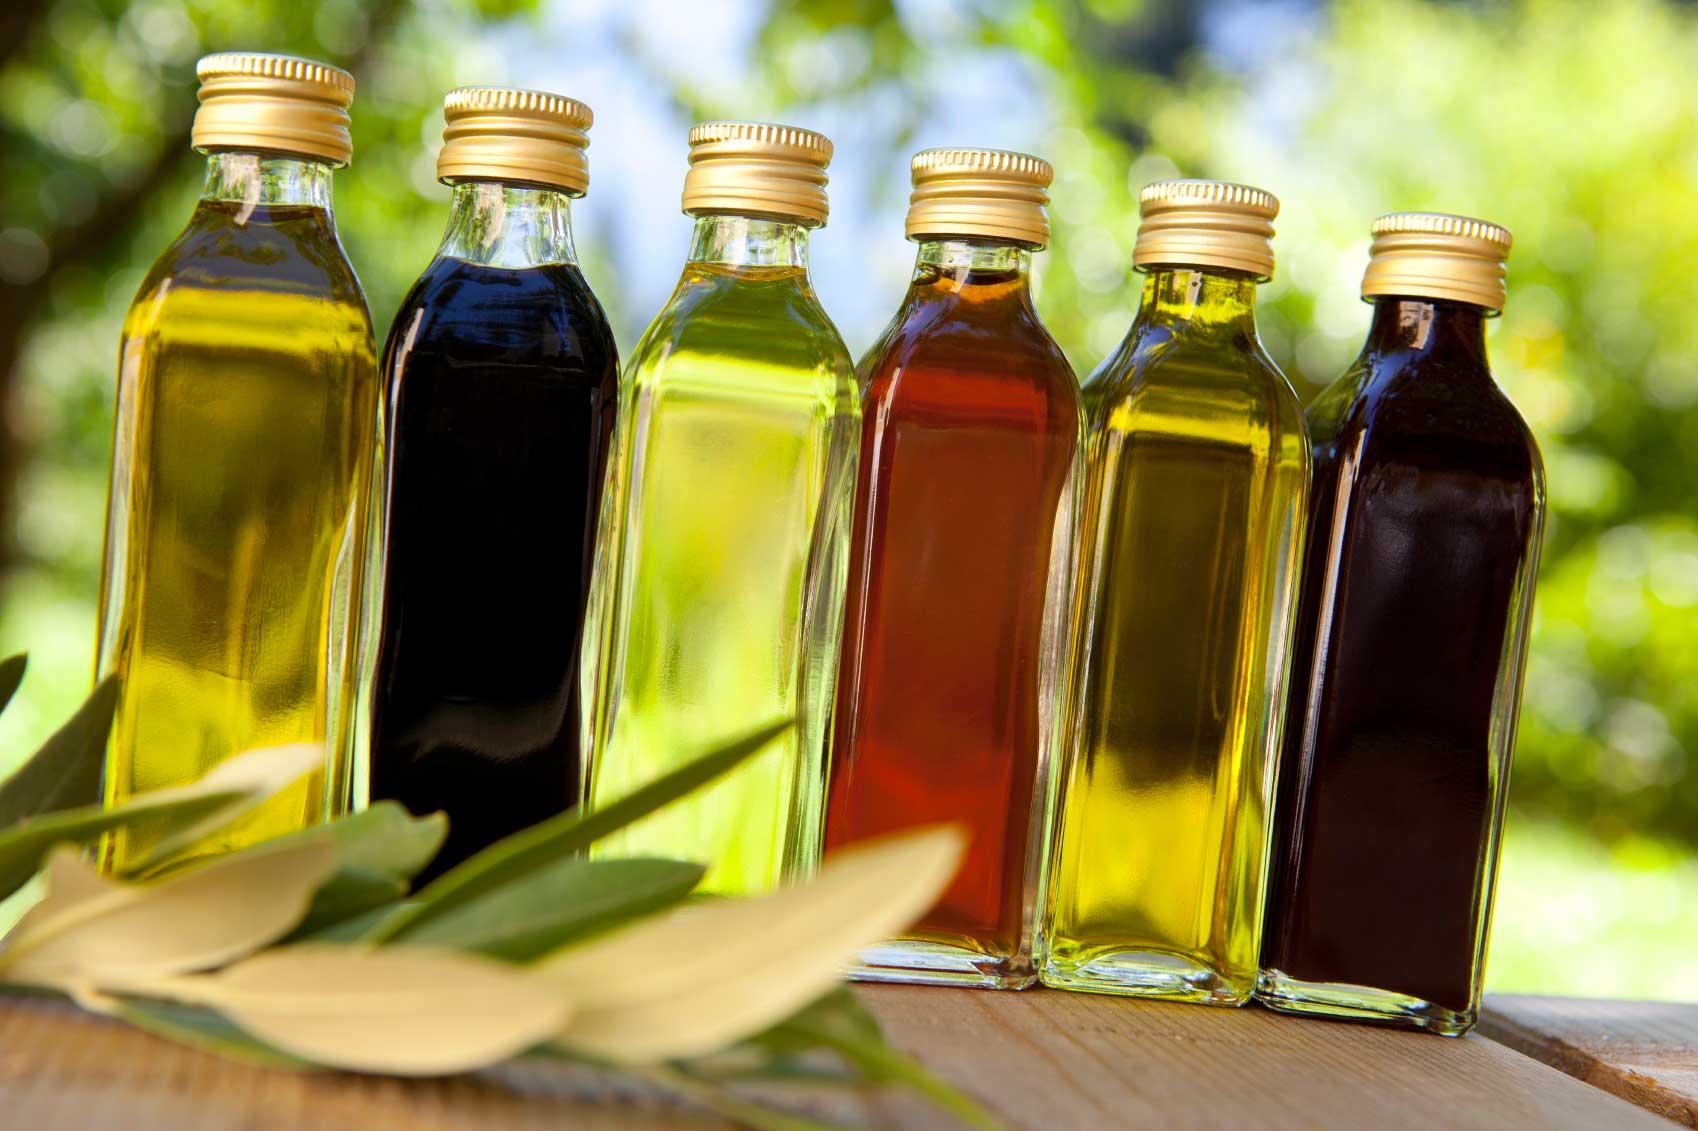 В таких продуктах содержатся незаменимые жирные кислоты, которые оказывают ряд полезных действий на организм, особенно испытывающий «лишения» в условиях ограниченного питания